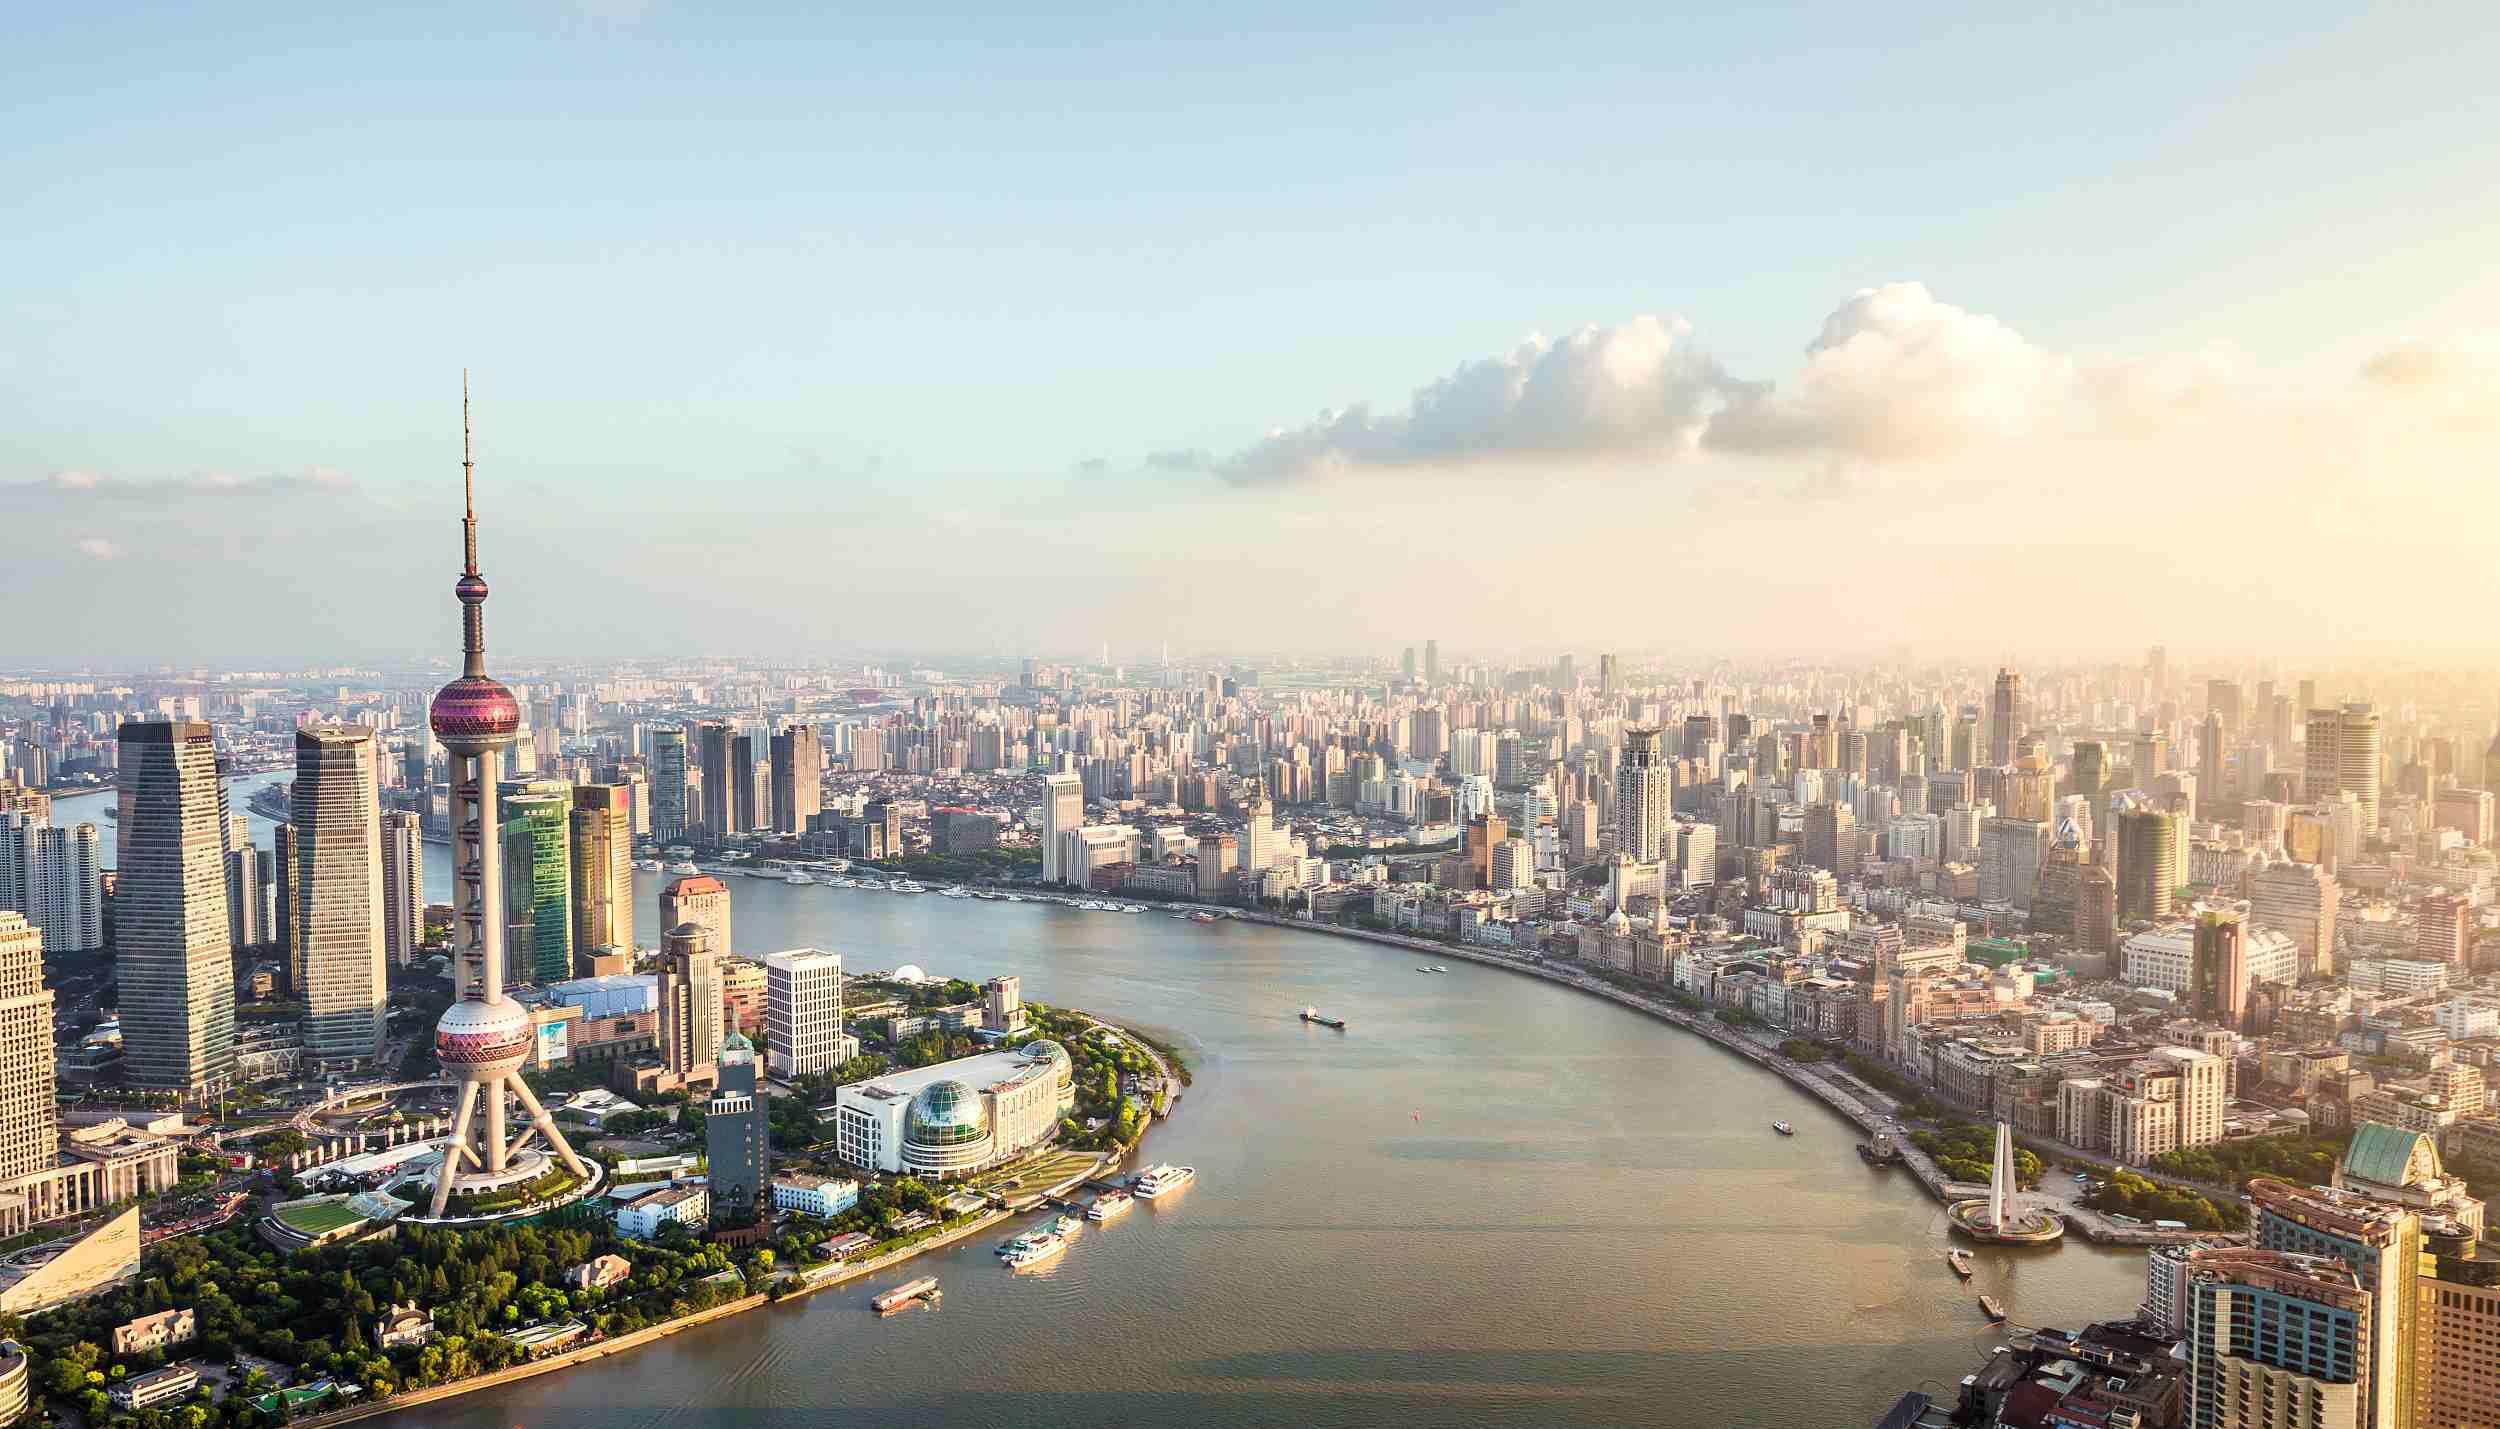 全球资讯_人民日报:中国经济活力驱动全球增长 界面新闻